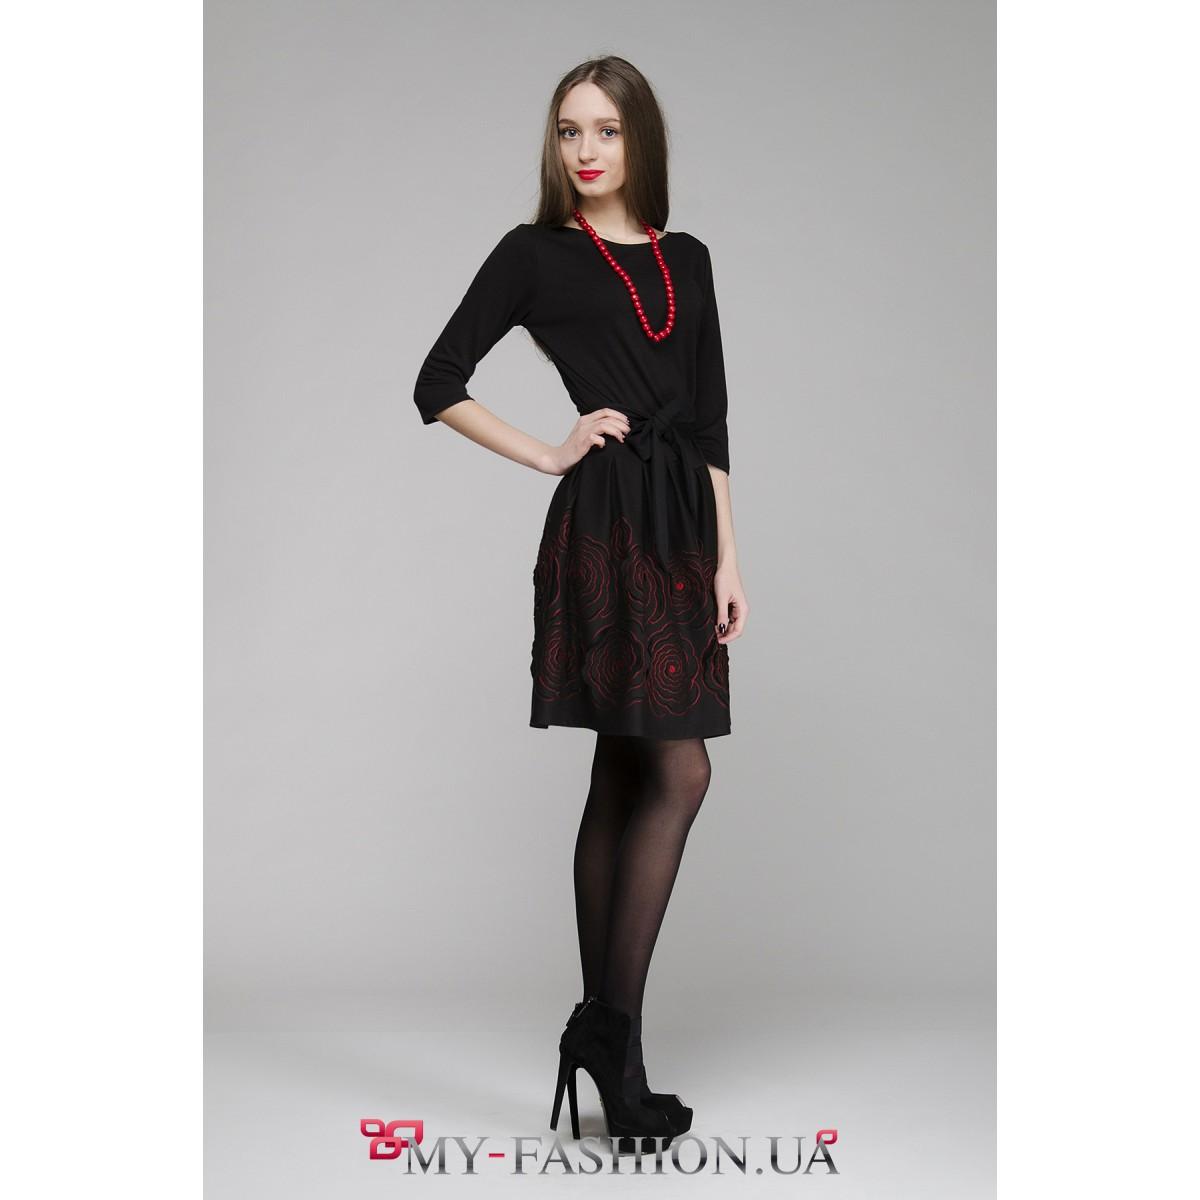 Купить черное платье с красными цветами